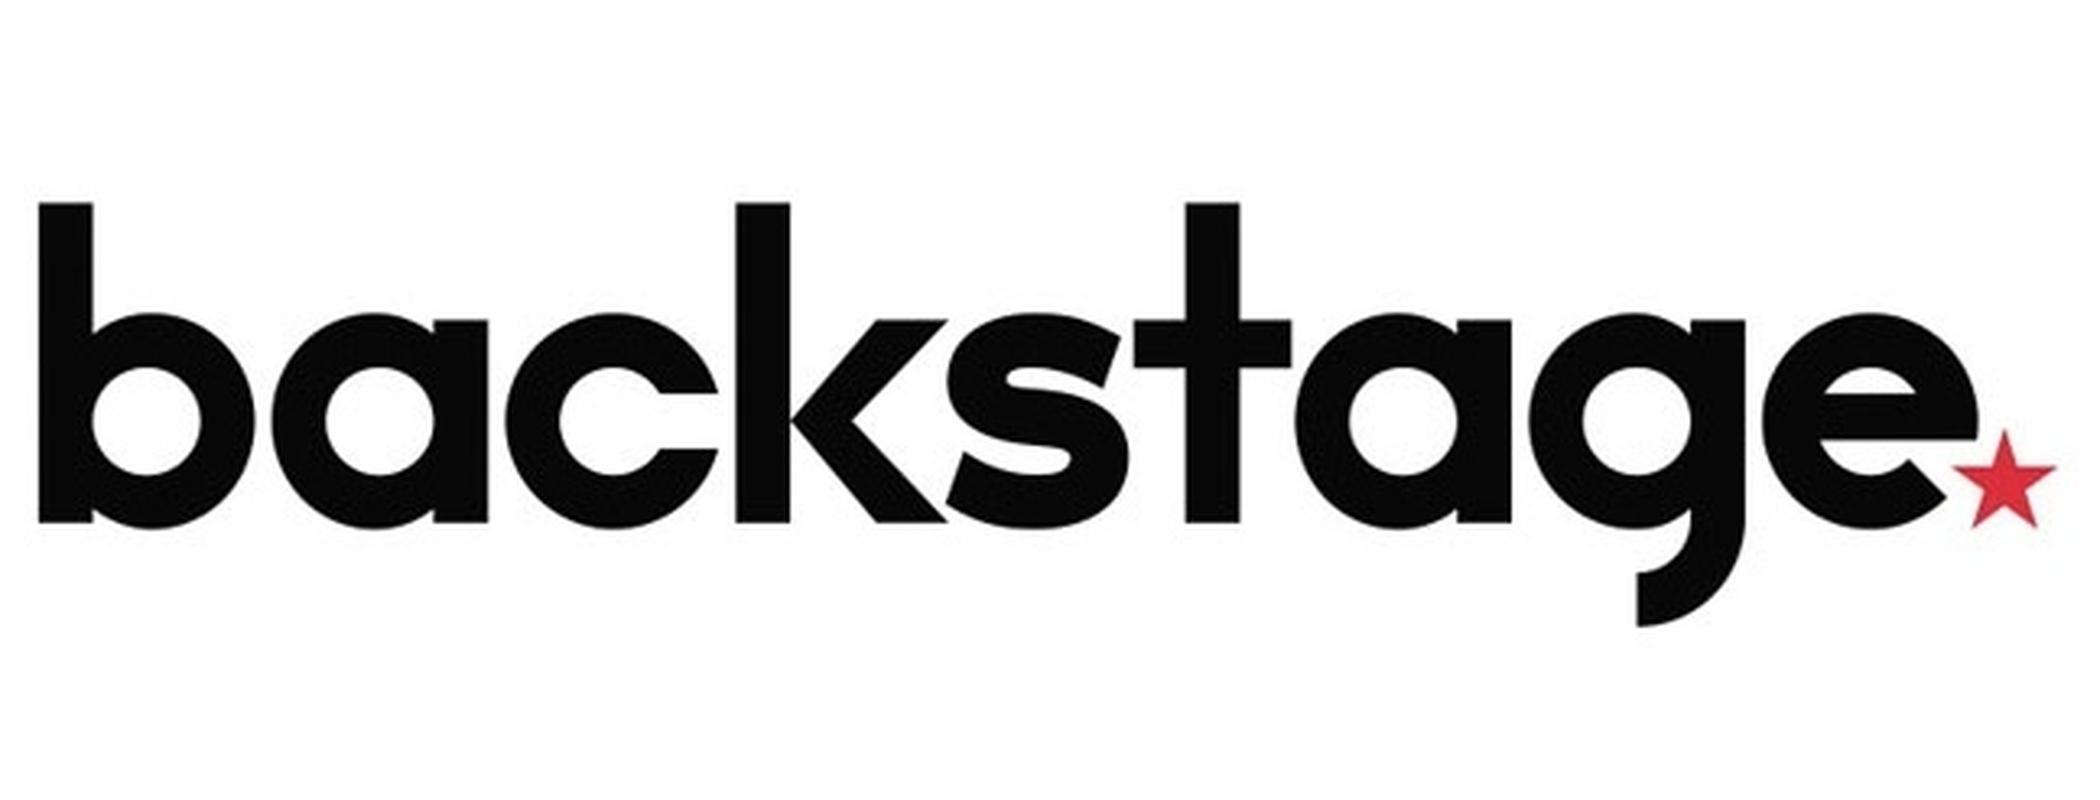 Backstage Online Casting Platform